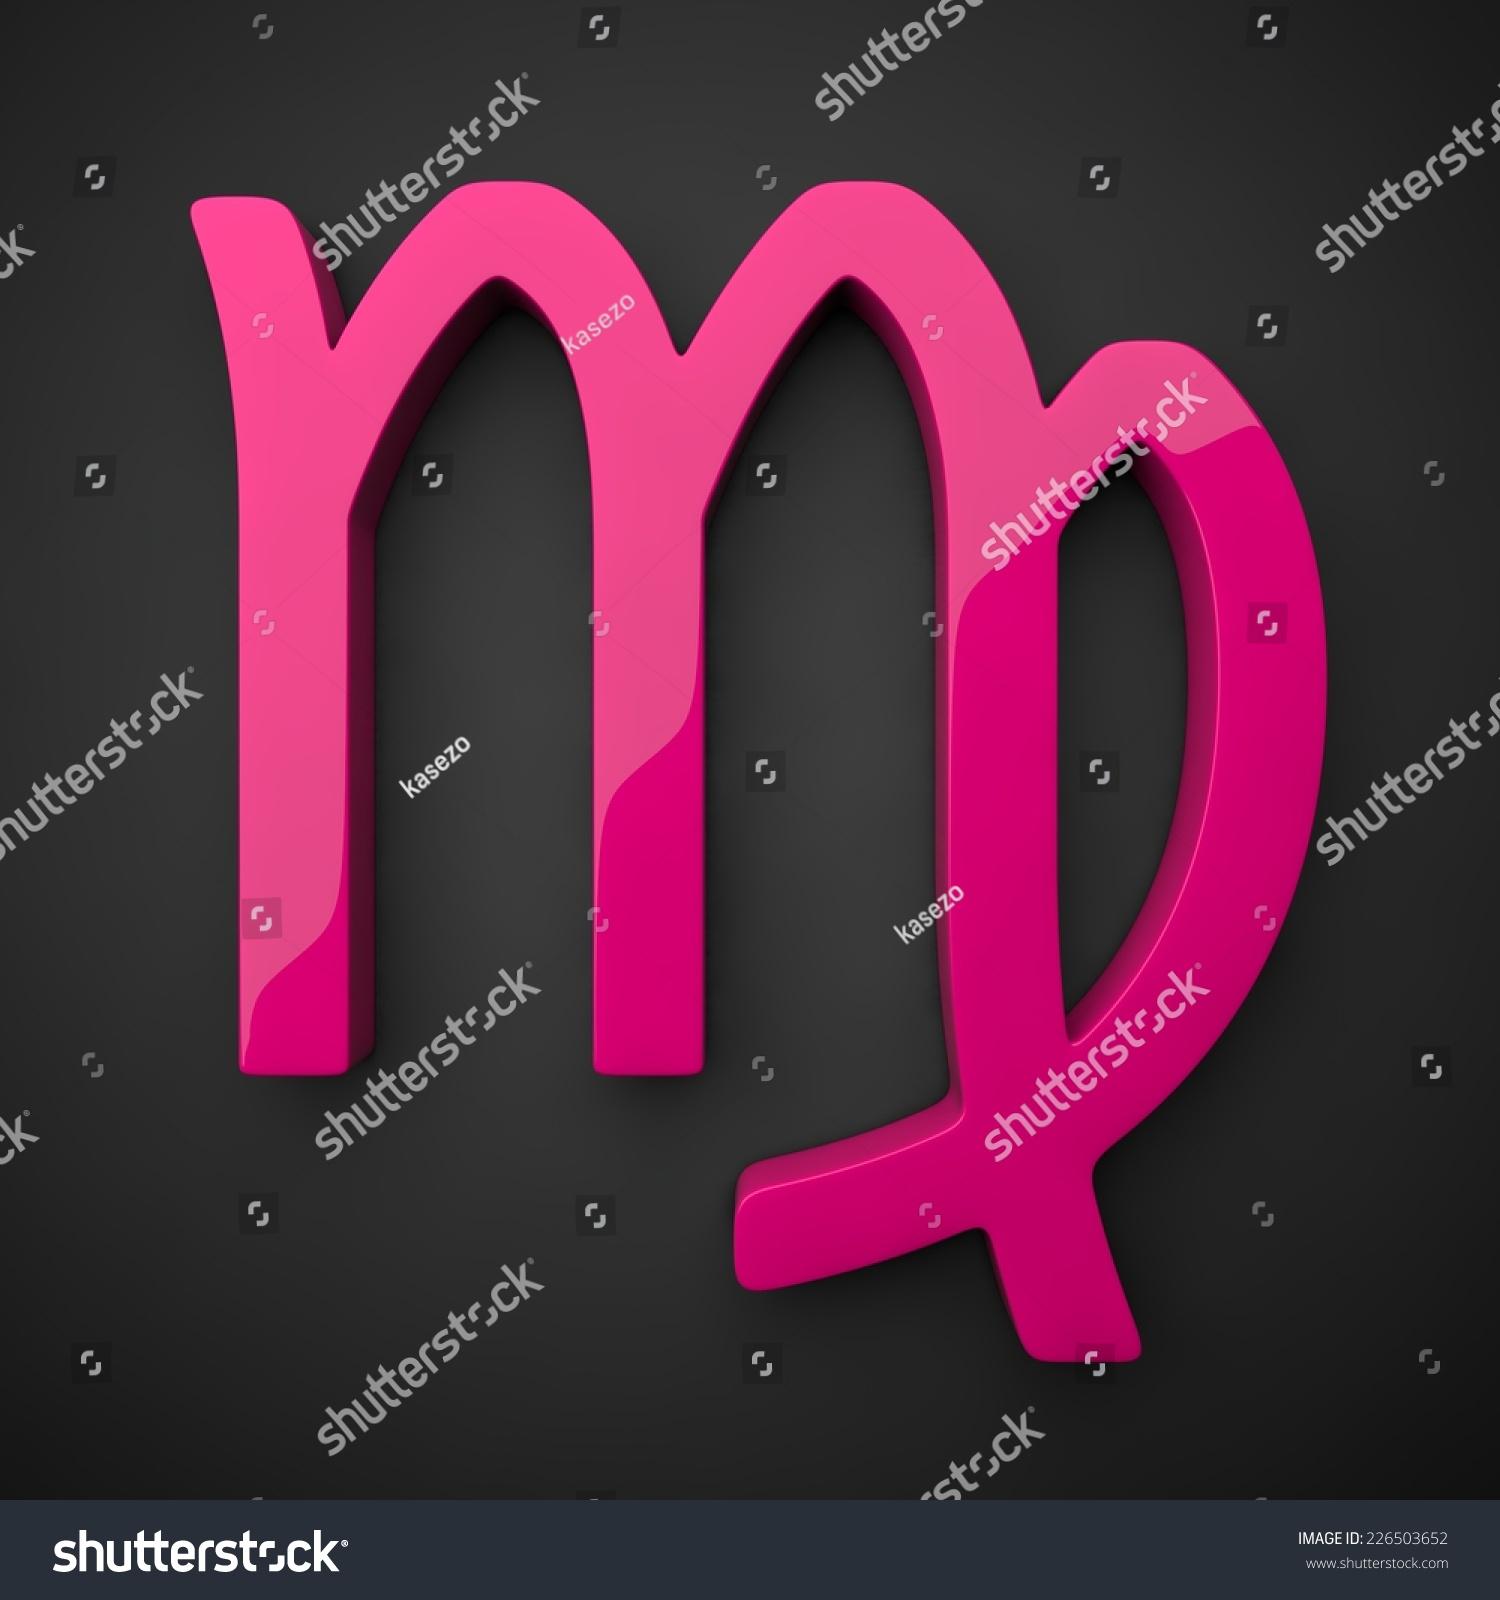 Female Virgo Sign Stock Illustration 226503652 - Shutterstock